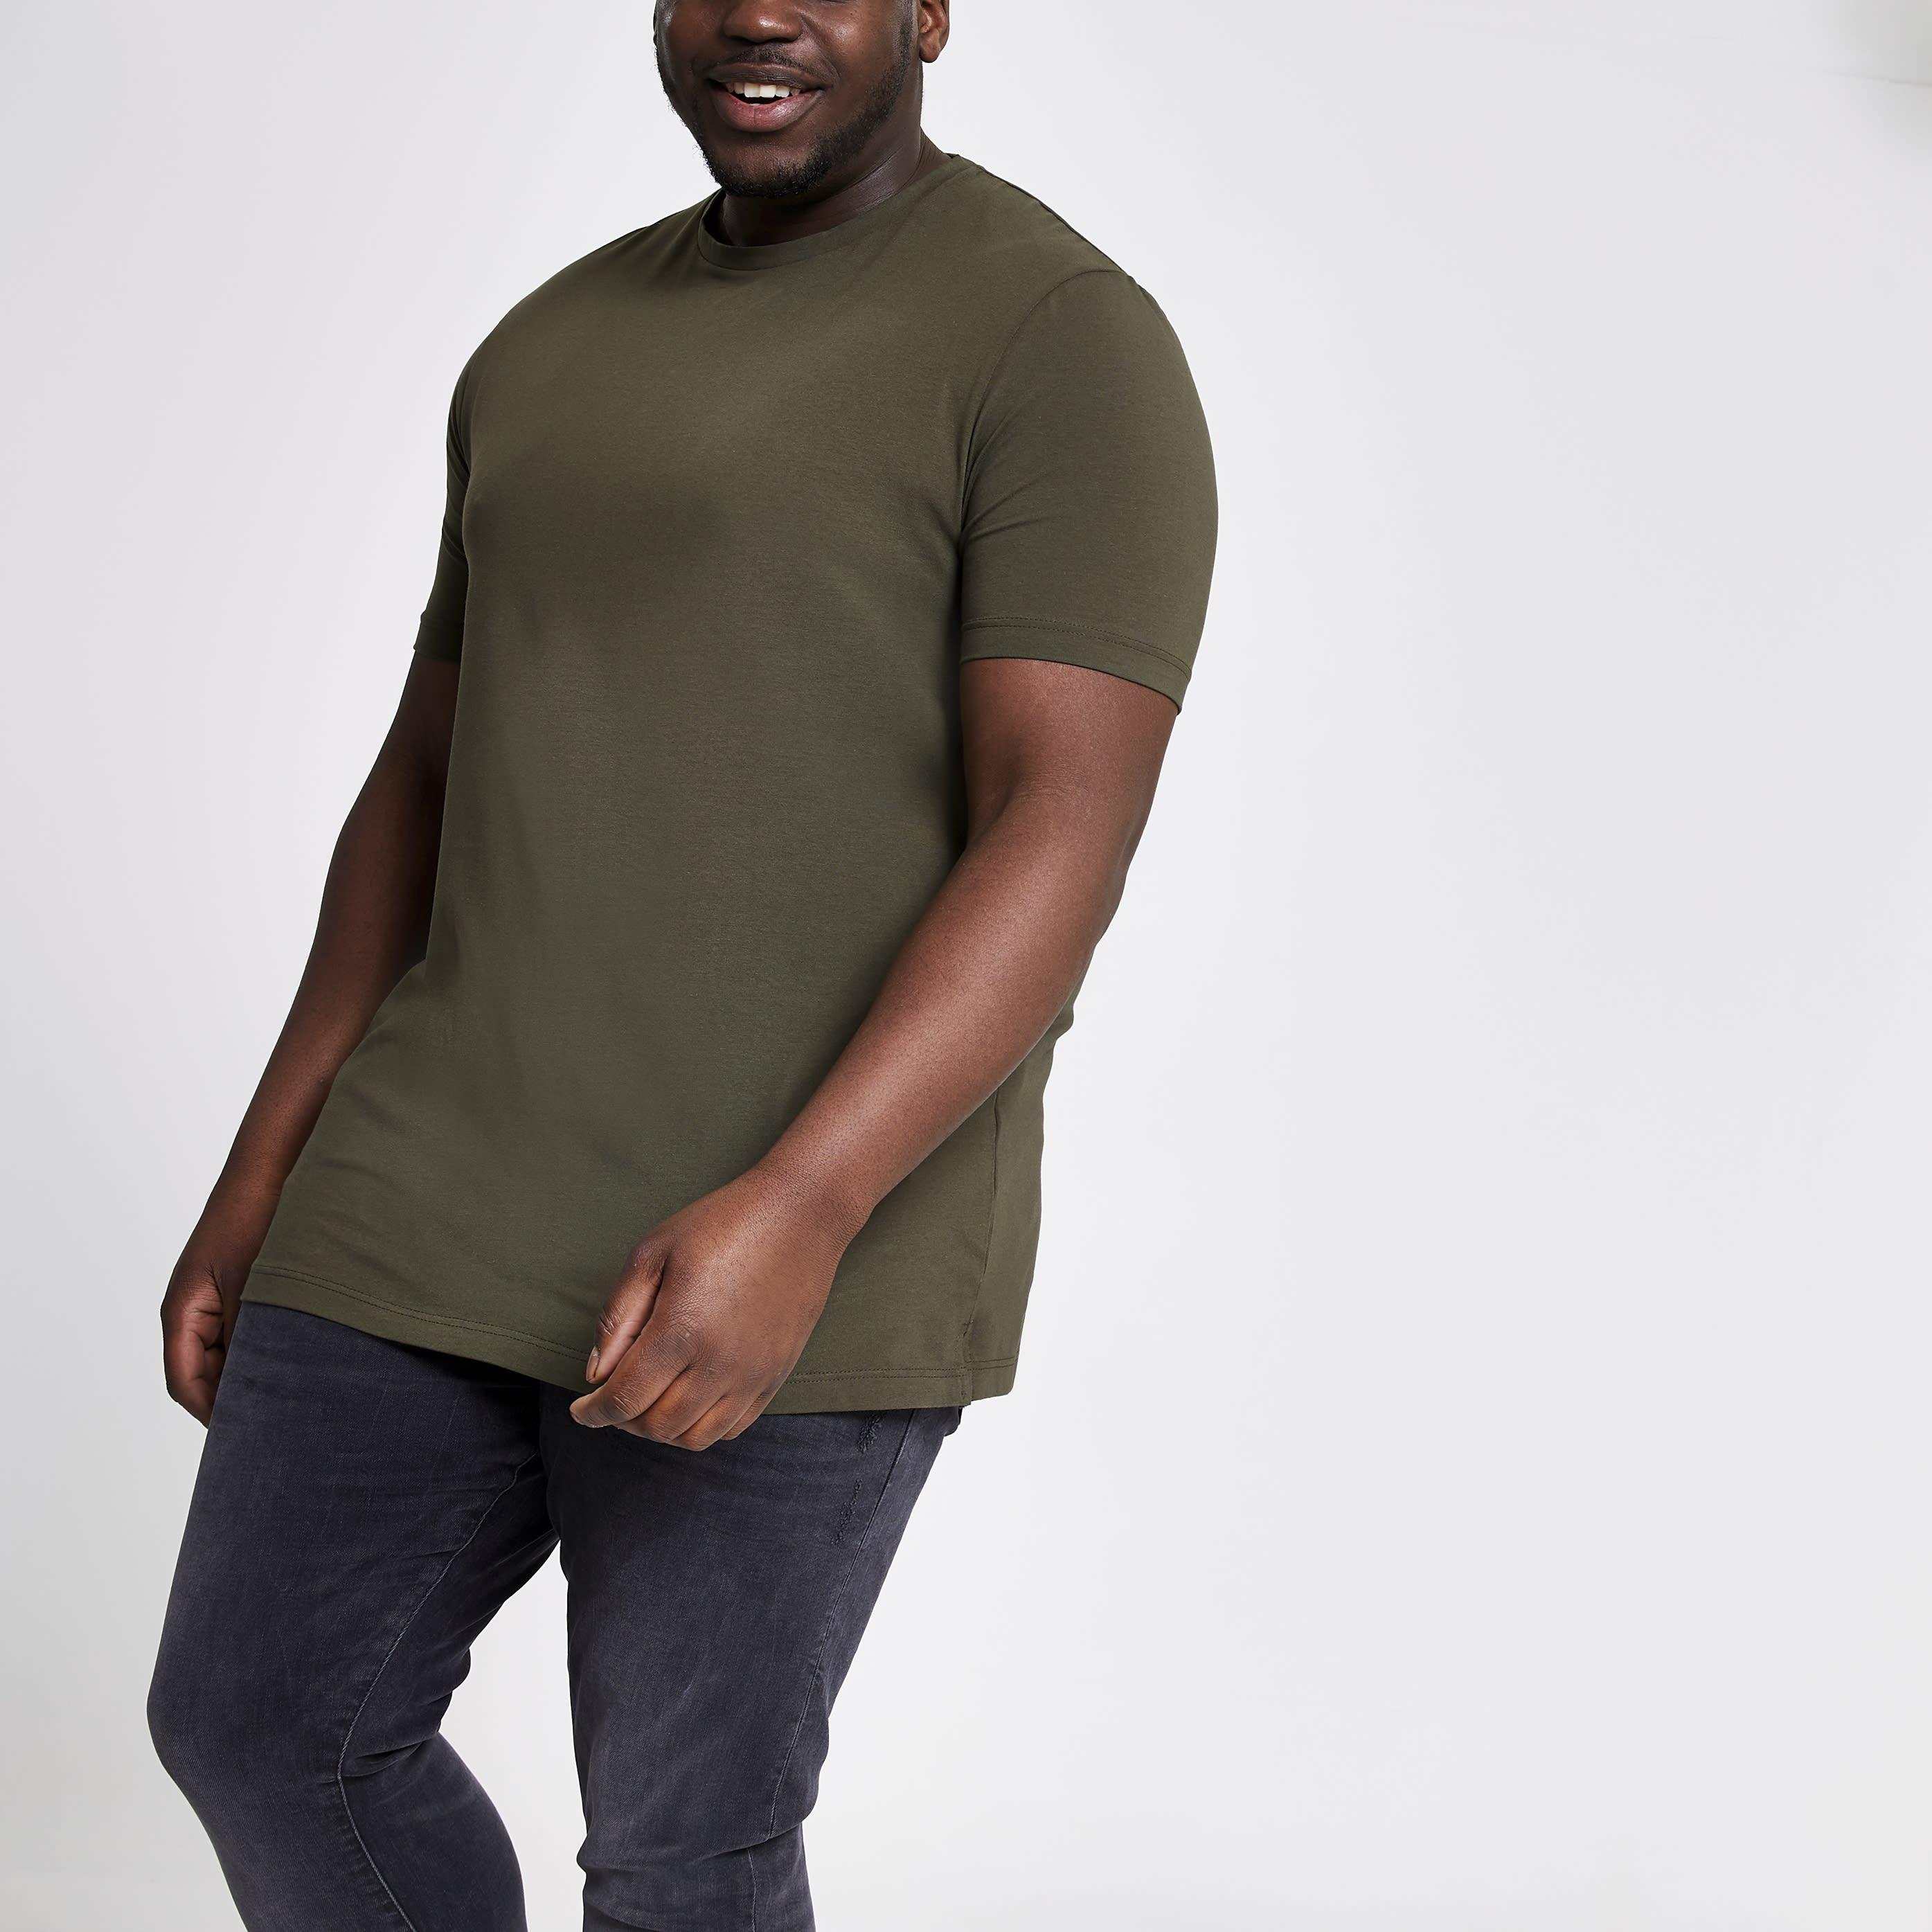 River Island Mens Big and Tall dark Green muscle fit T-shirt (XXXL)